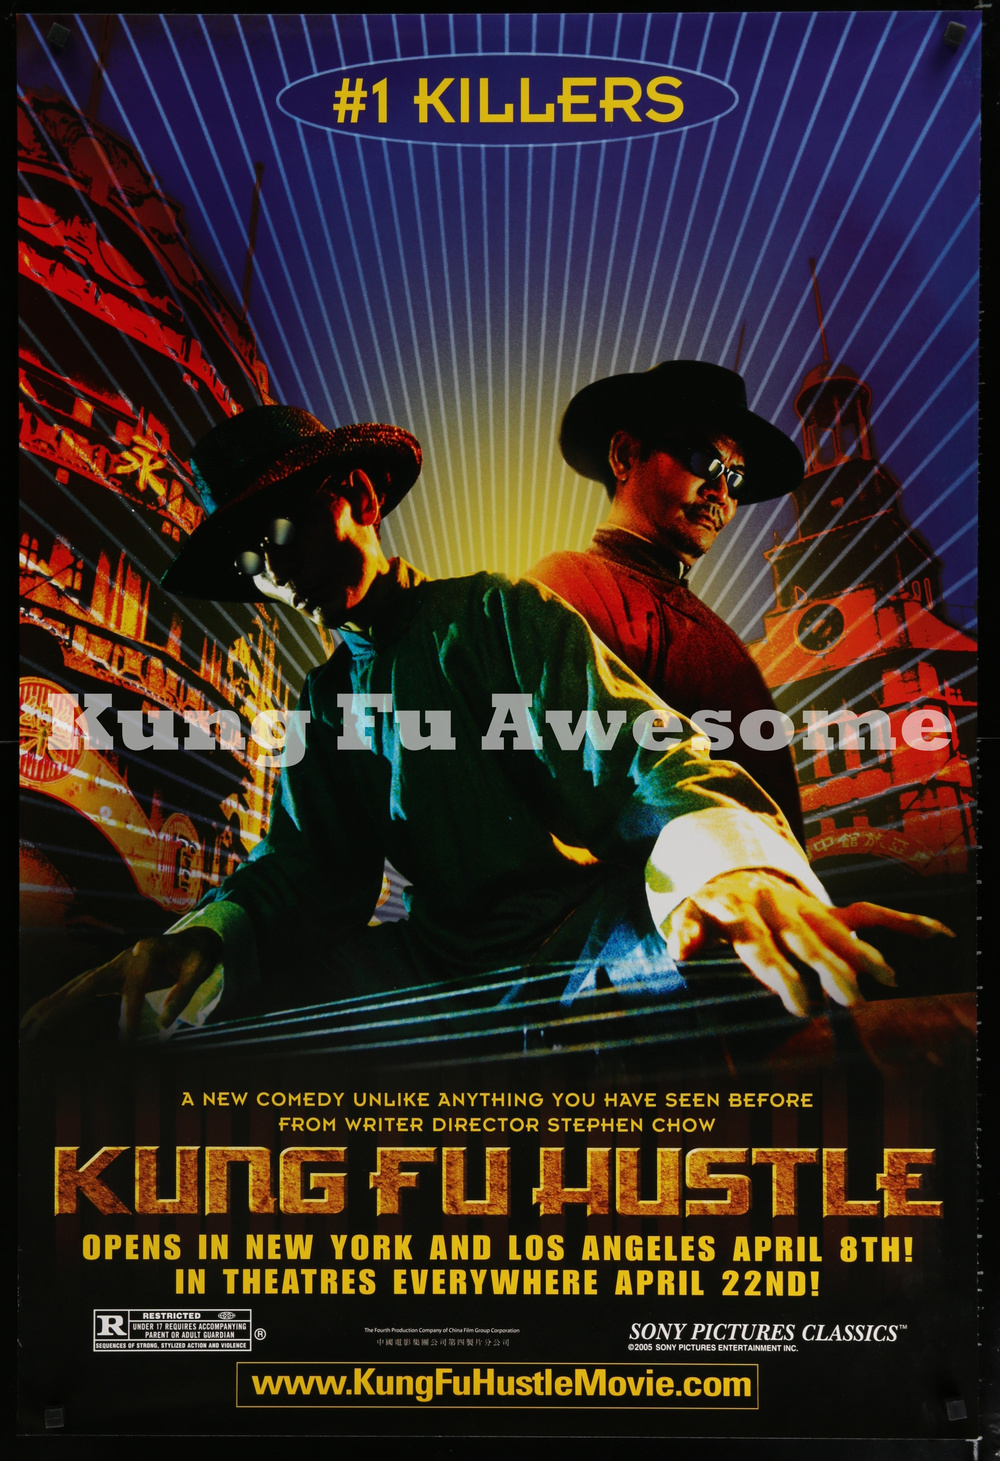 kung_fu_hustle_killers_style_teaser_dupe2_JC09879_L.jpg